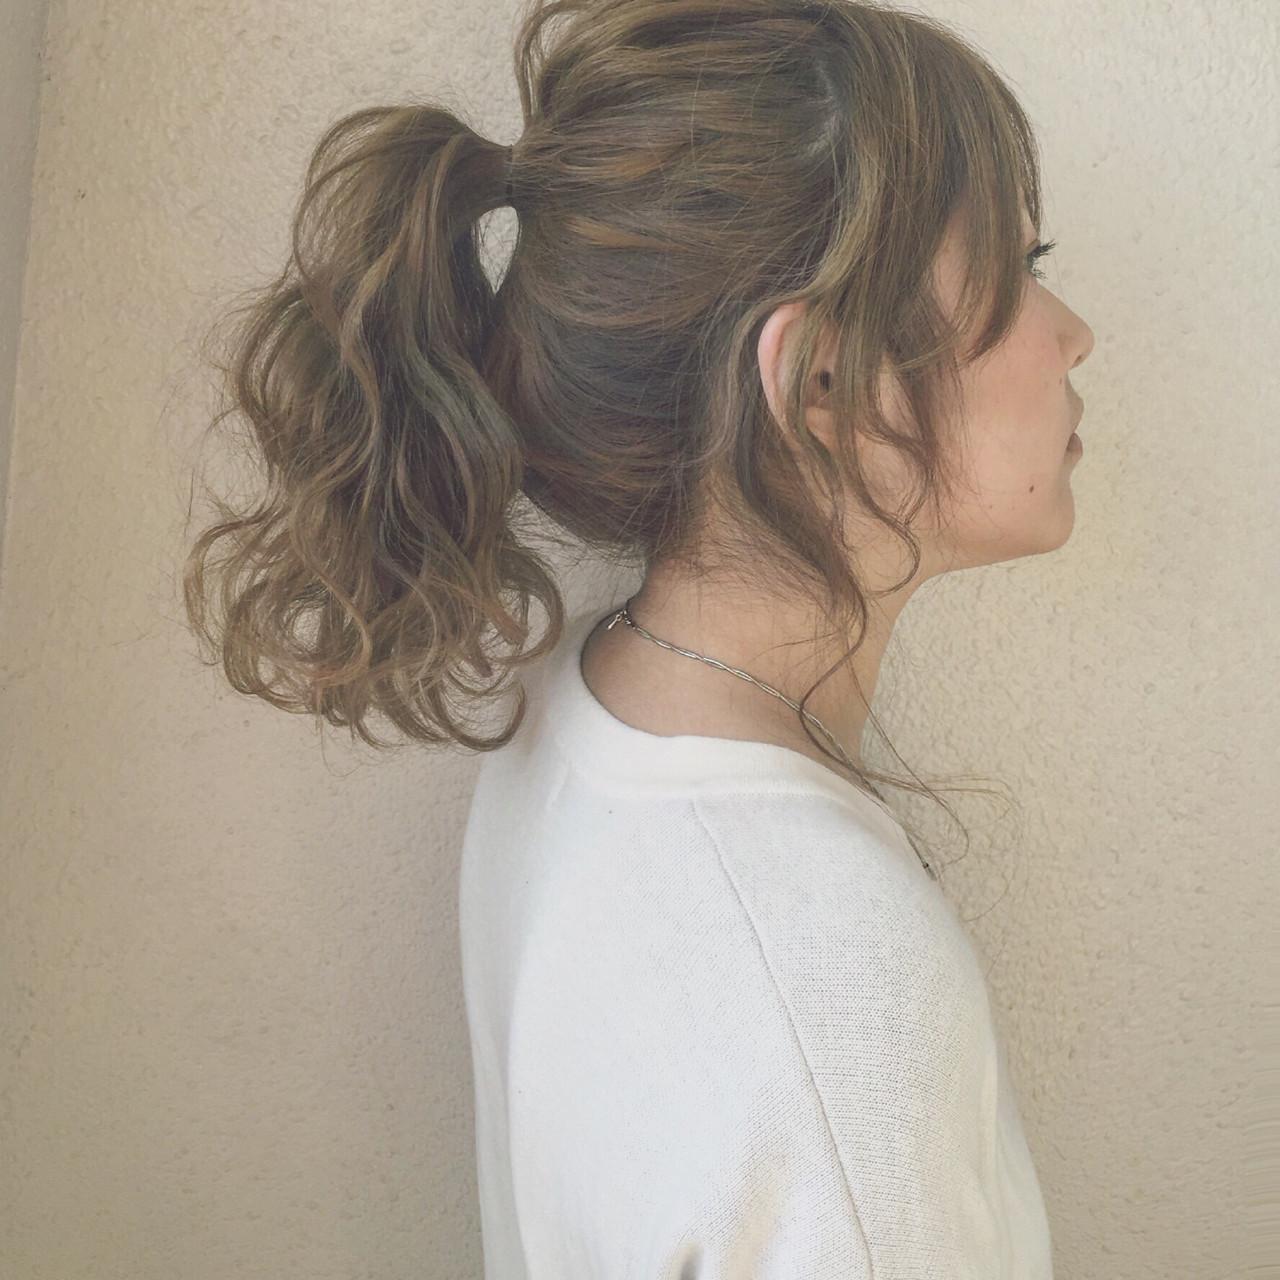 ゆるふわ 外国人風 セミロング 簡単ヘアアレンジ ヘアスタイルや髪型の写真・画像